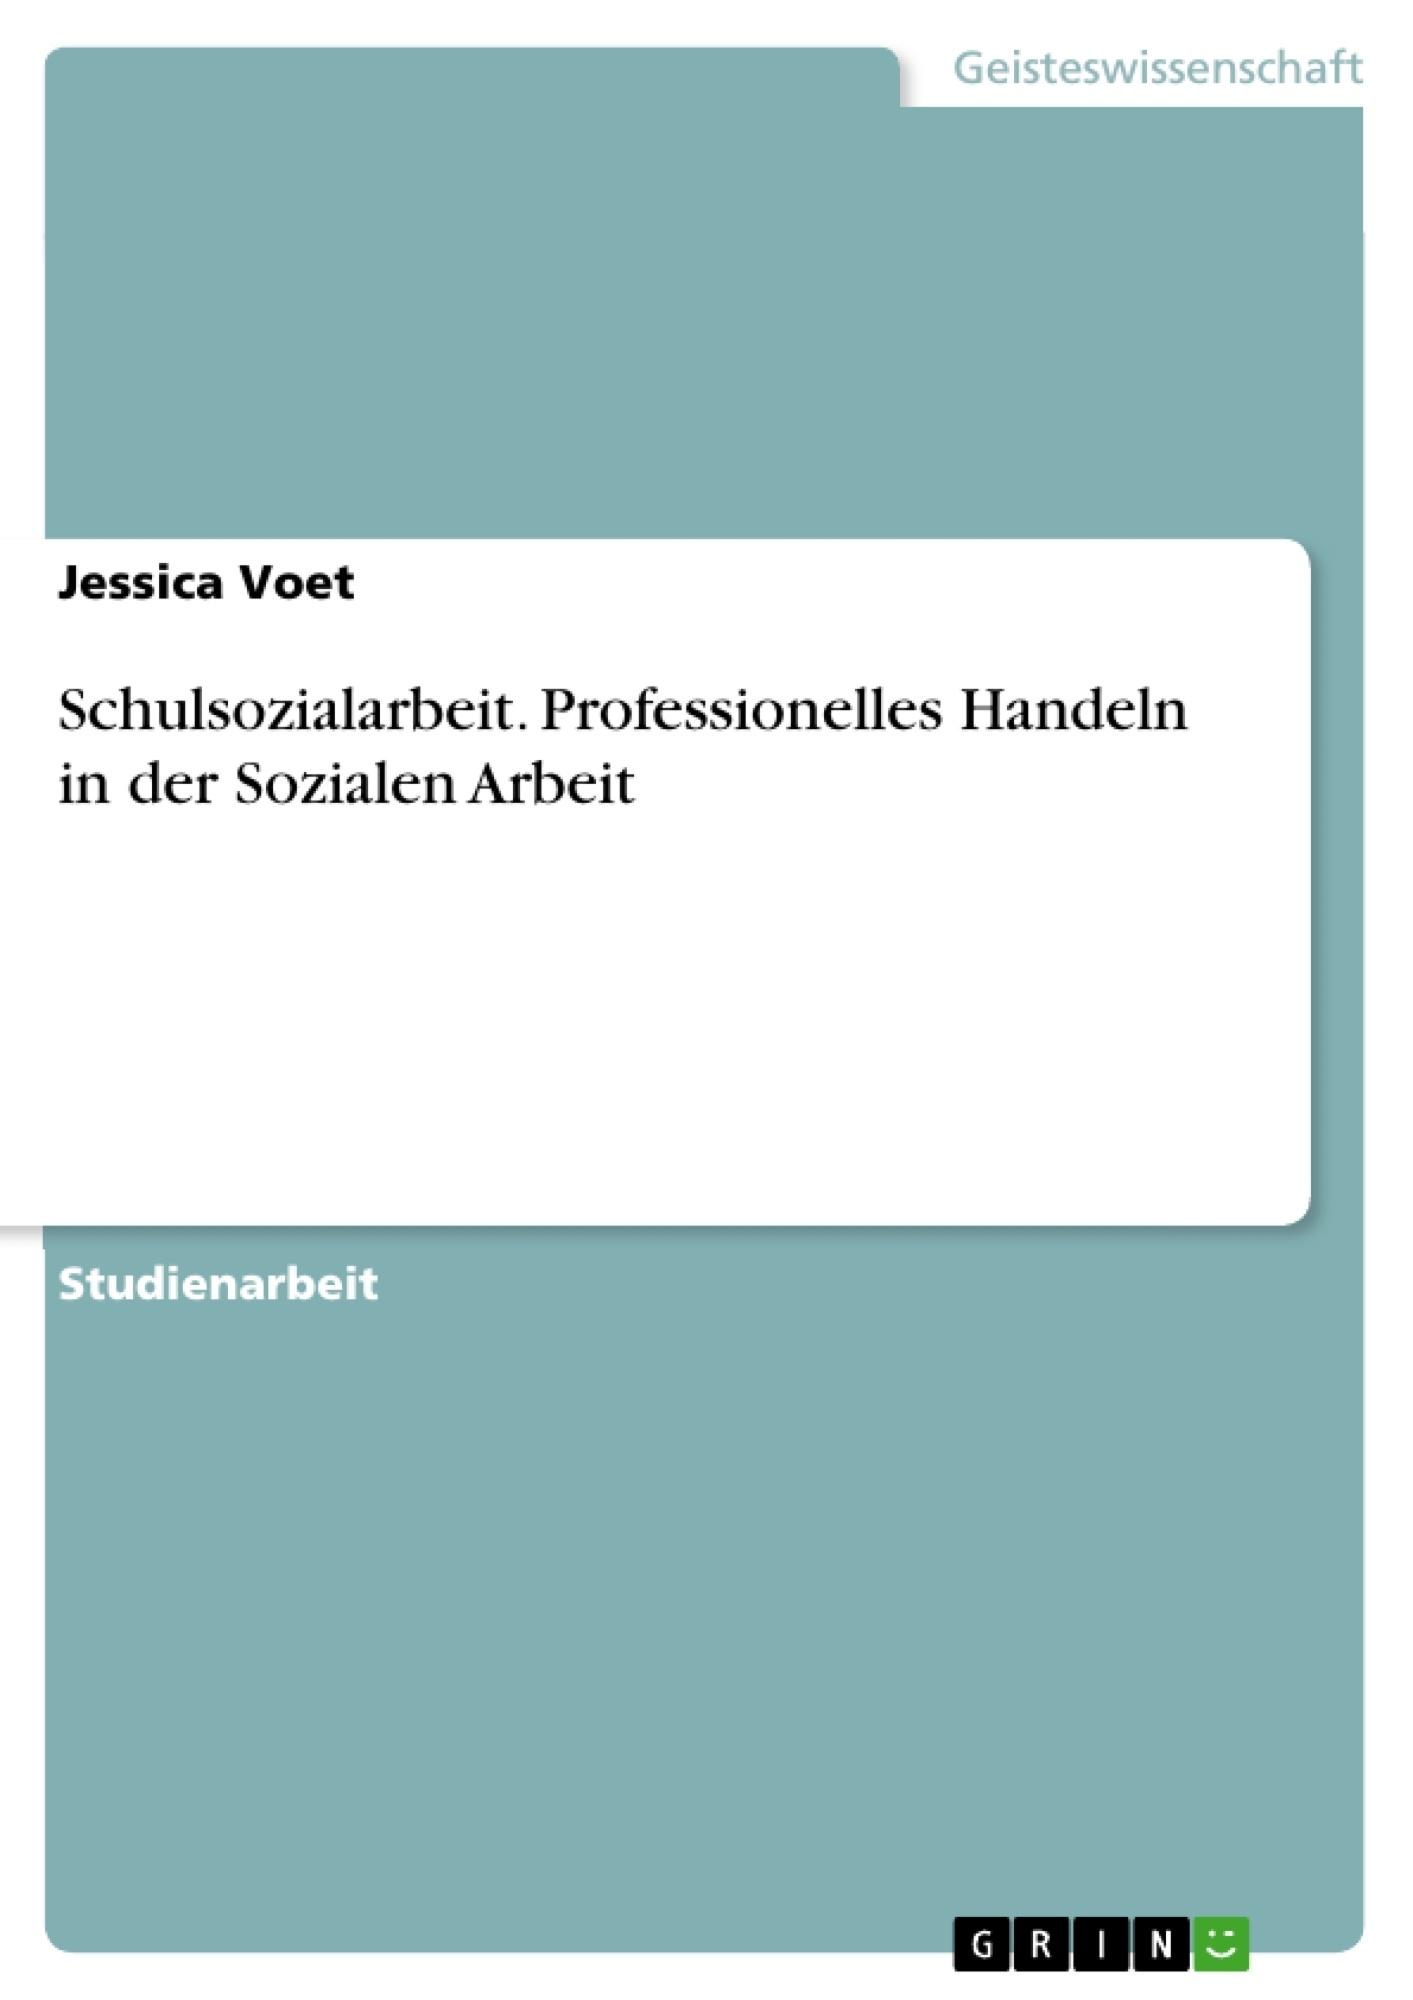 Titel: Schulsozialarbeit. Professionelles Handeln in der Sozialen Arbeit